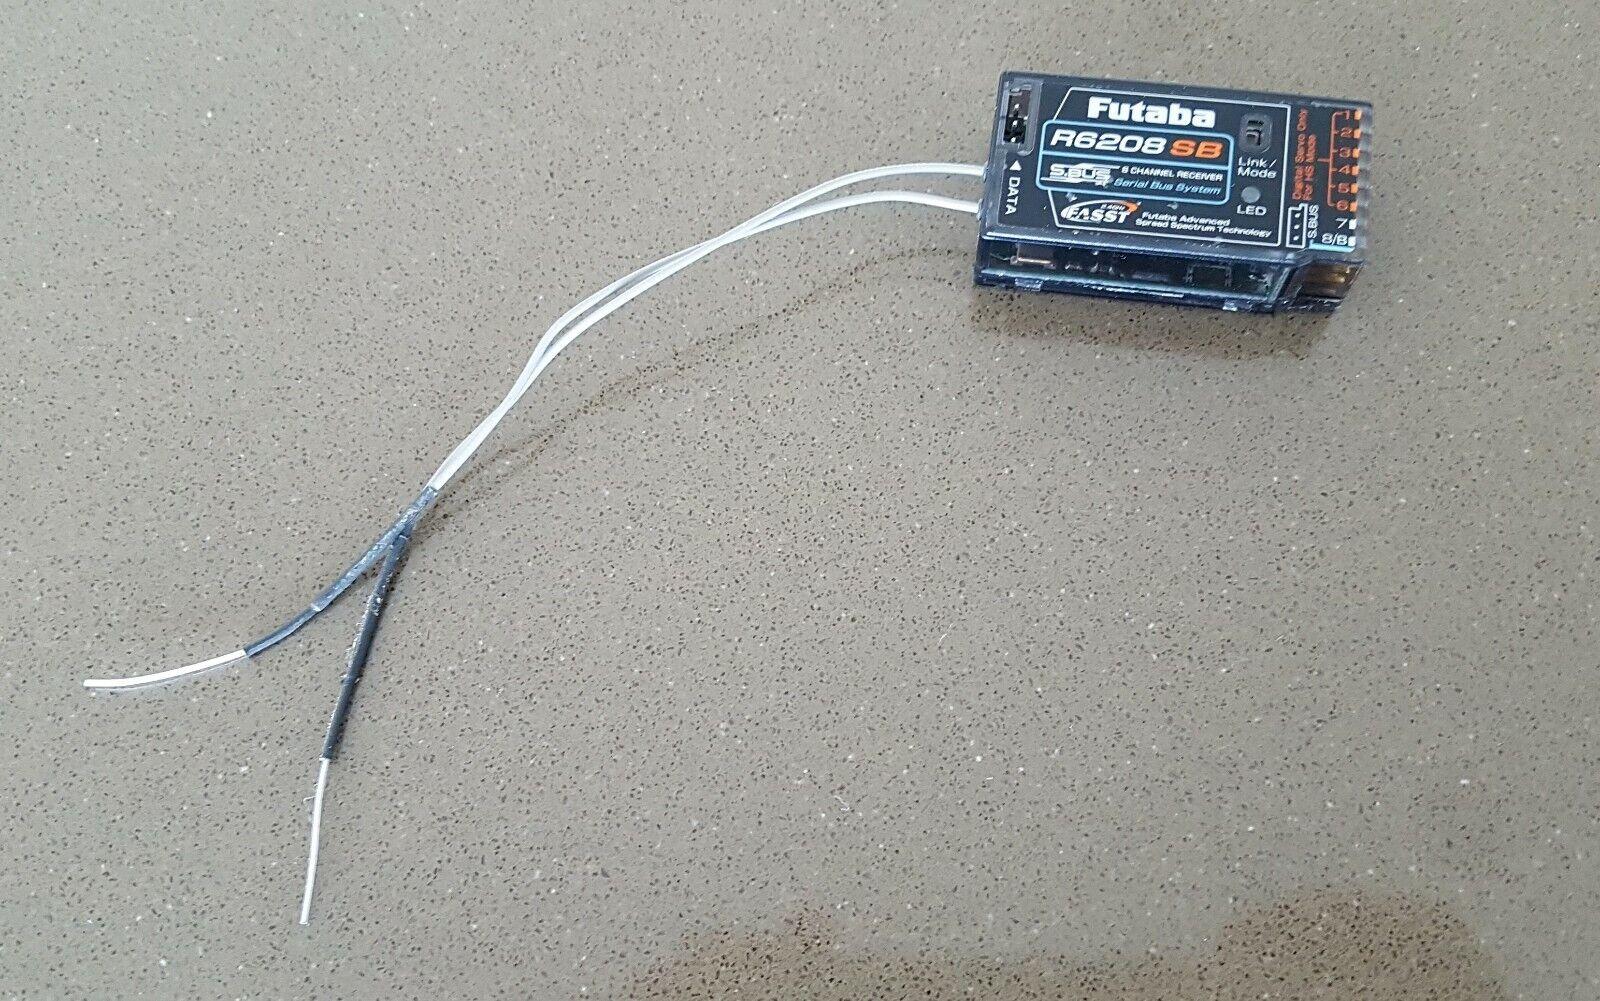 Futaba R6208SB 8-Channel  2.4GHz FASST Receiver  vendita di fama mondiale online